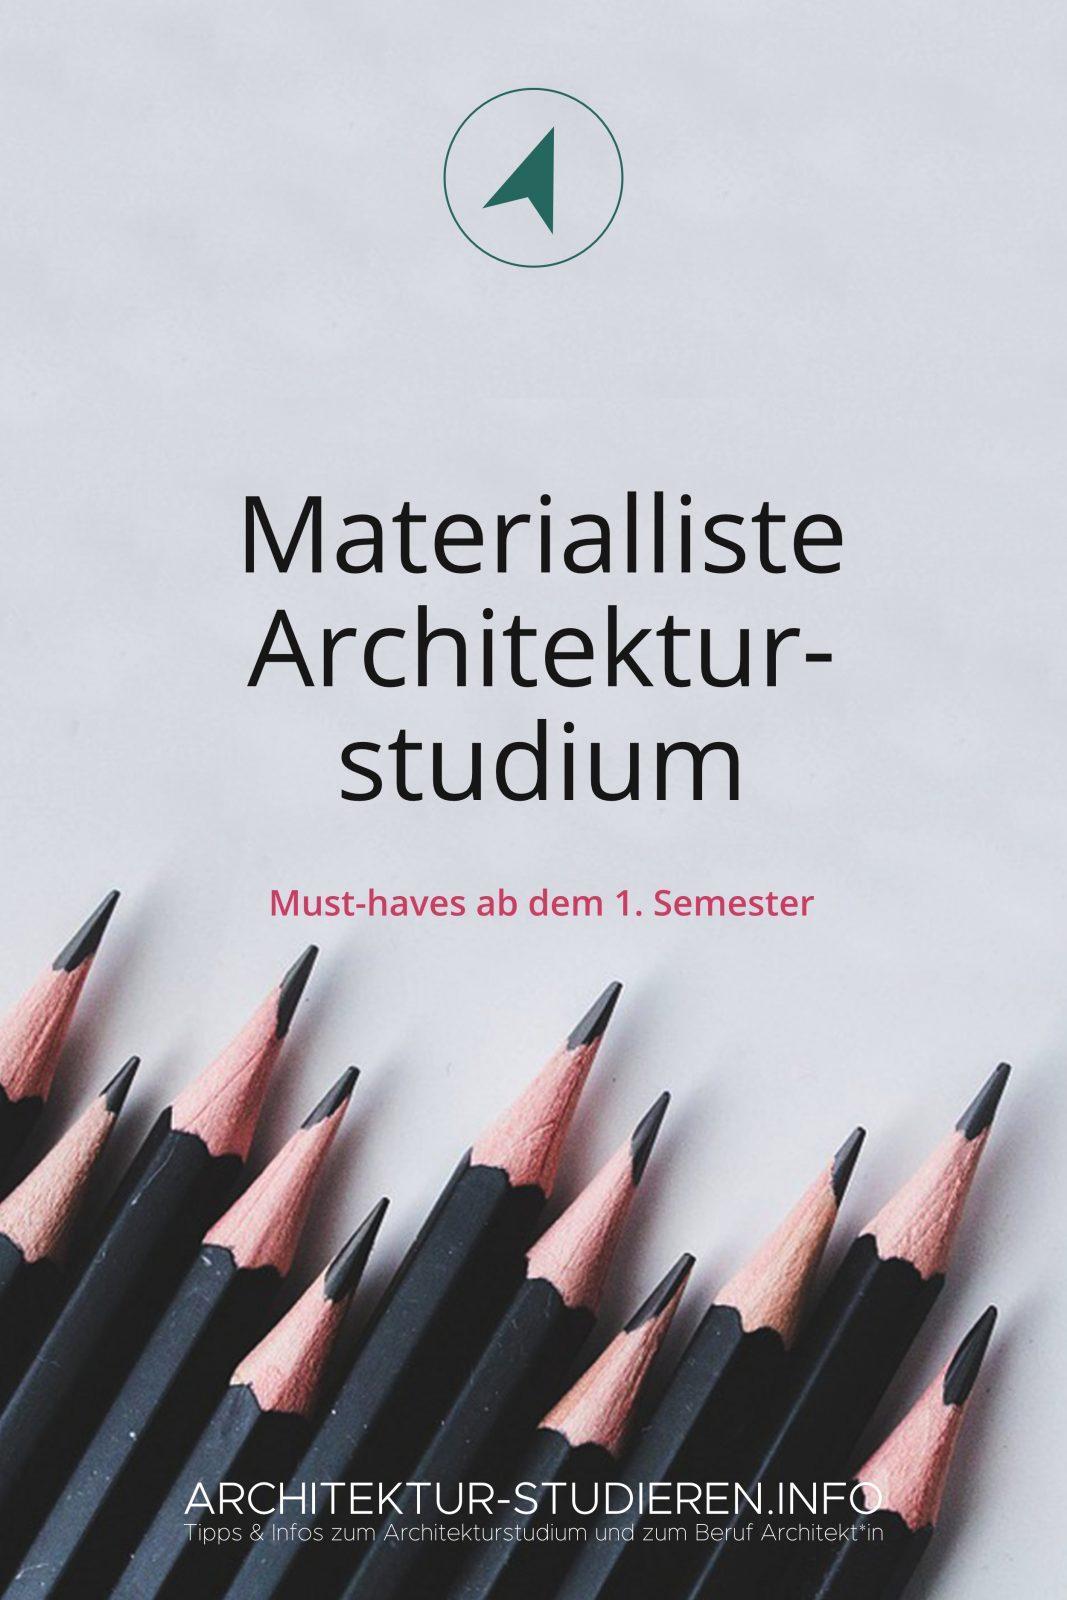 Materrialliste für dein Architekturstudium 2019/2020 | © Architektur-studieren.info